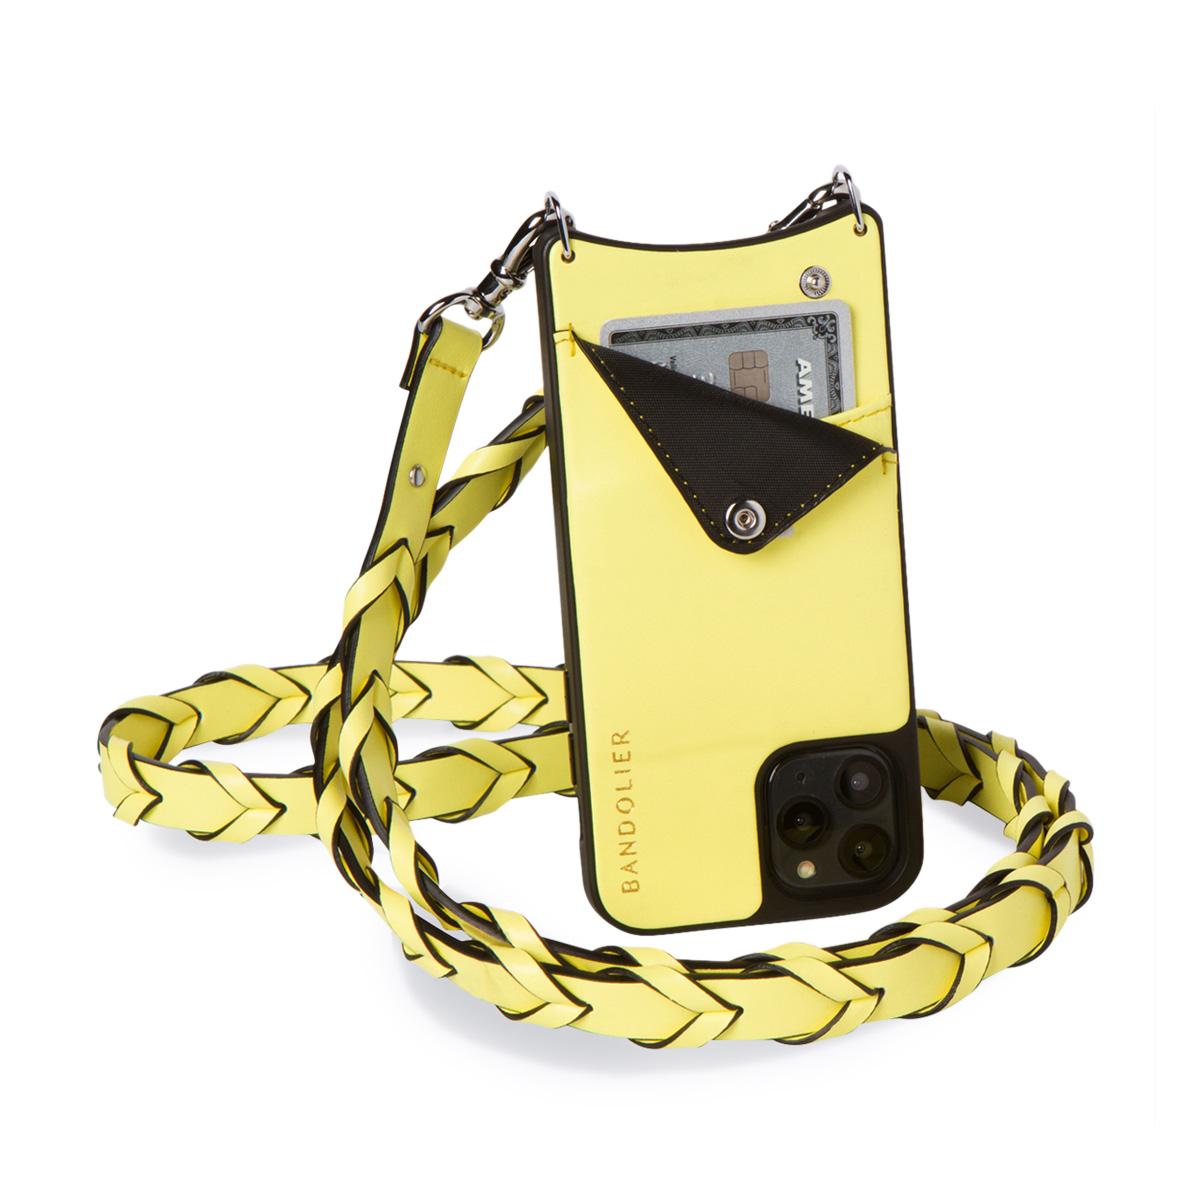 BANDOLIER ZOEY YELLOW バンドリヤー iPhoneXS X ケース スマホ 携帯 ショルダー アイフォン メンズ レディース レザー イエロー 10ZOE